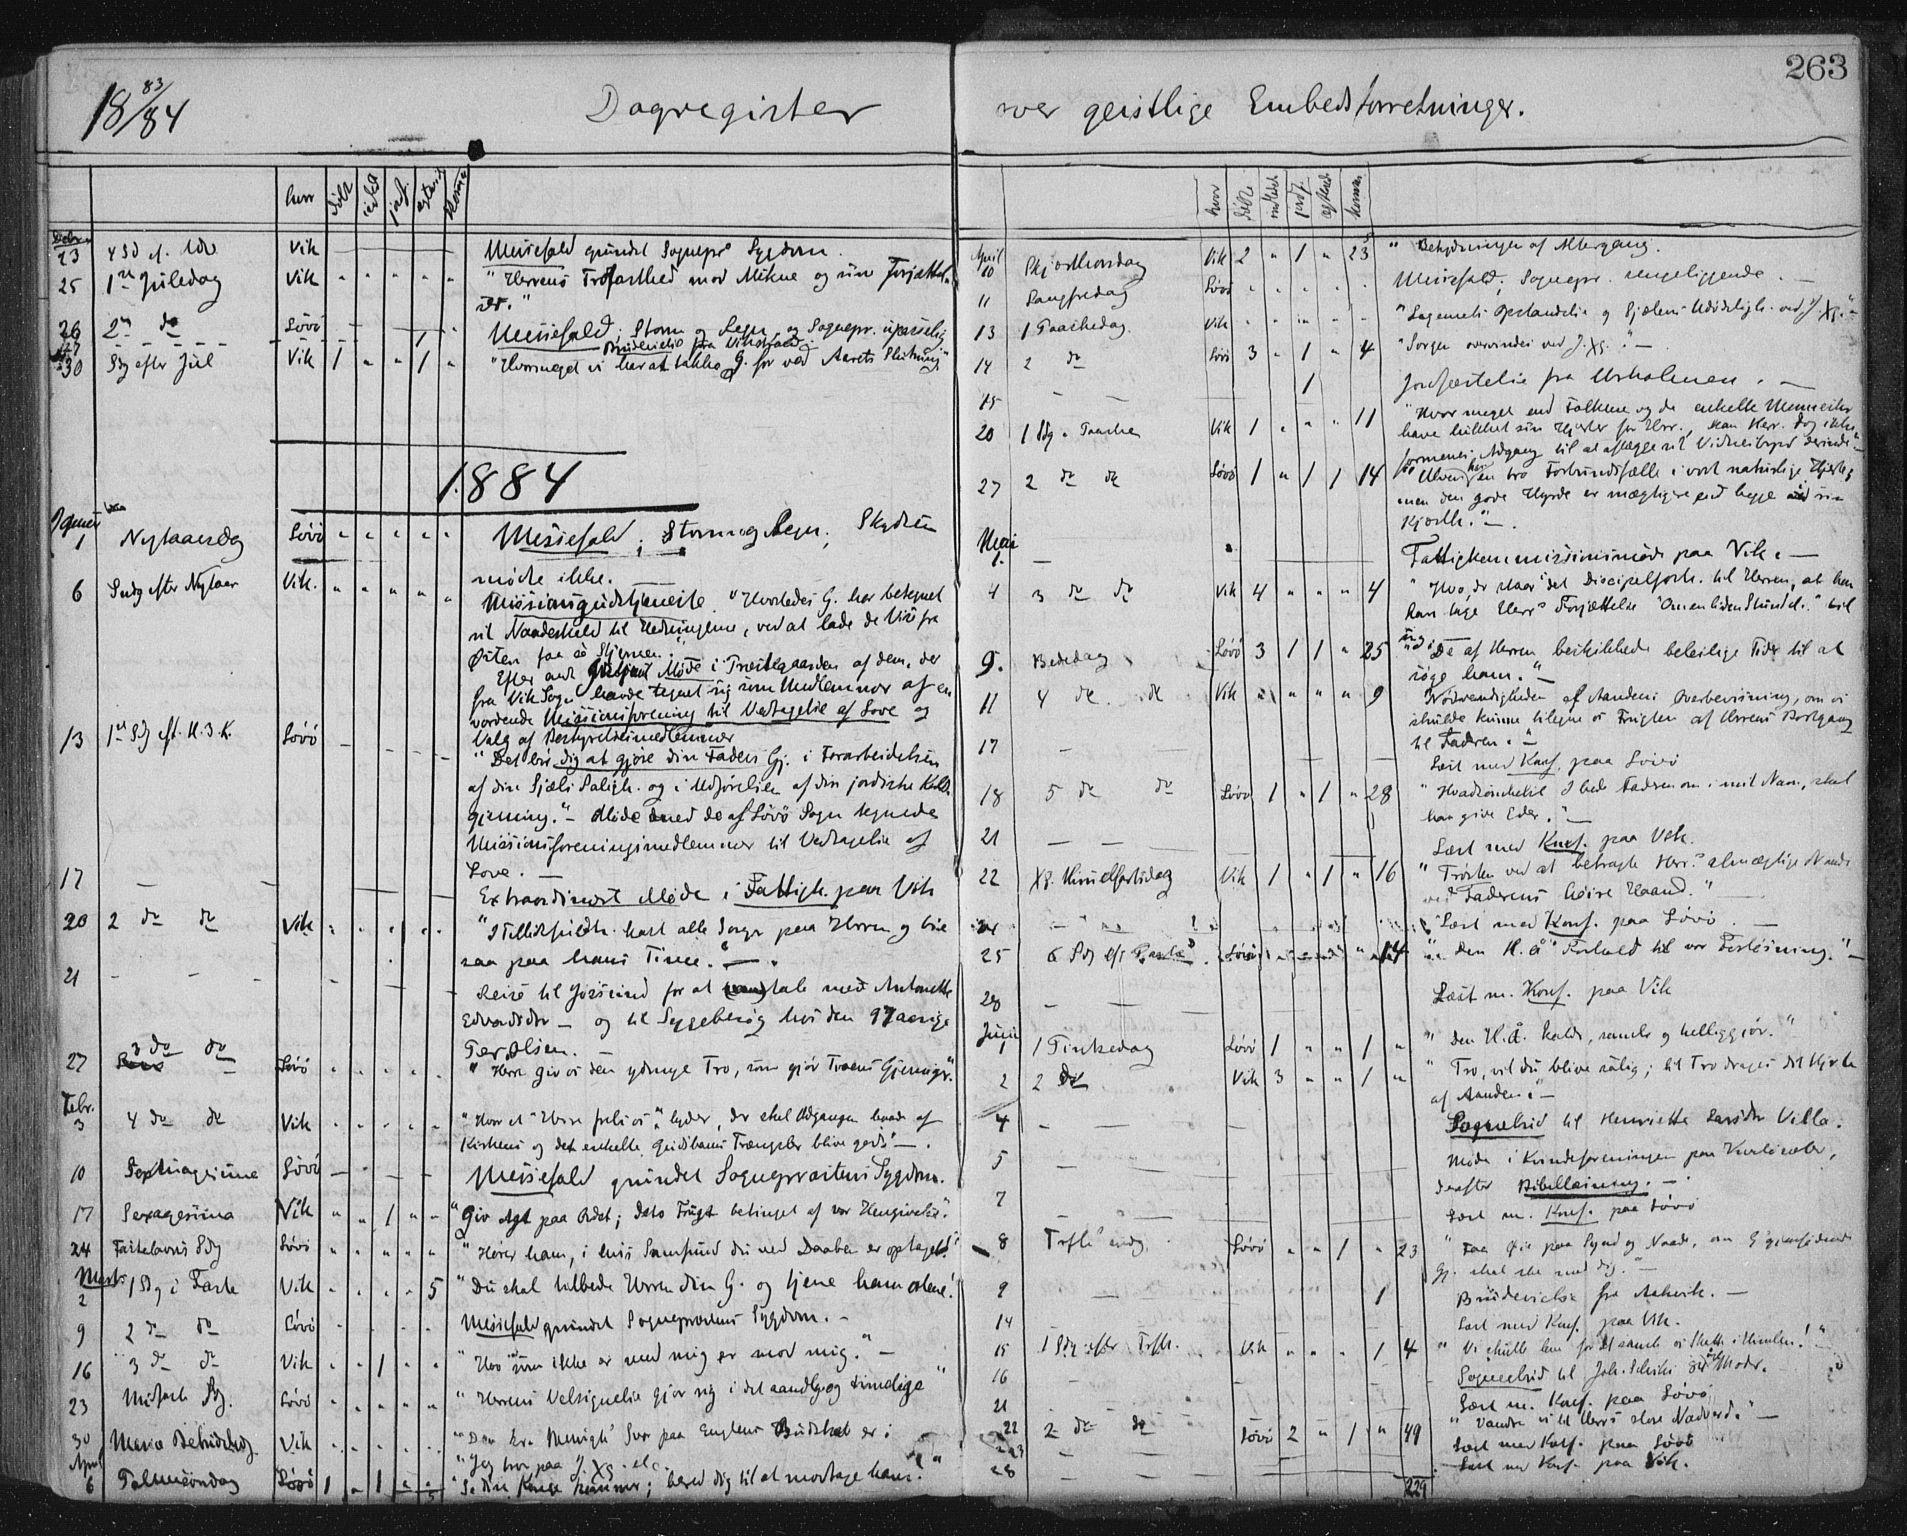 SAT, Ministerialprotokoller, klokkerbøker og fødselsregistre - Nord-Trøndelag, 771/L0596: Ministerialbok nr. 771A03, 1870-1884, s. 263